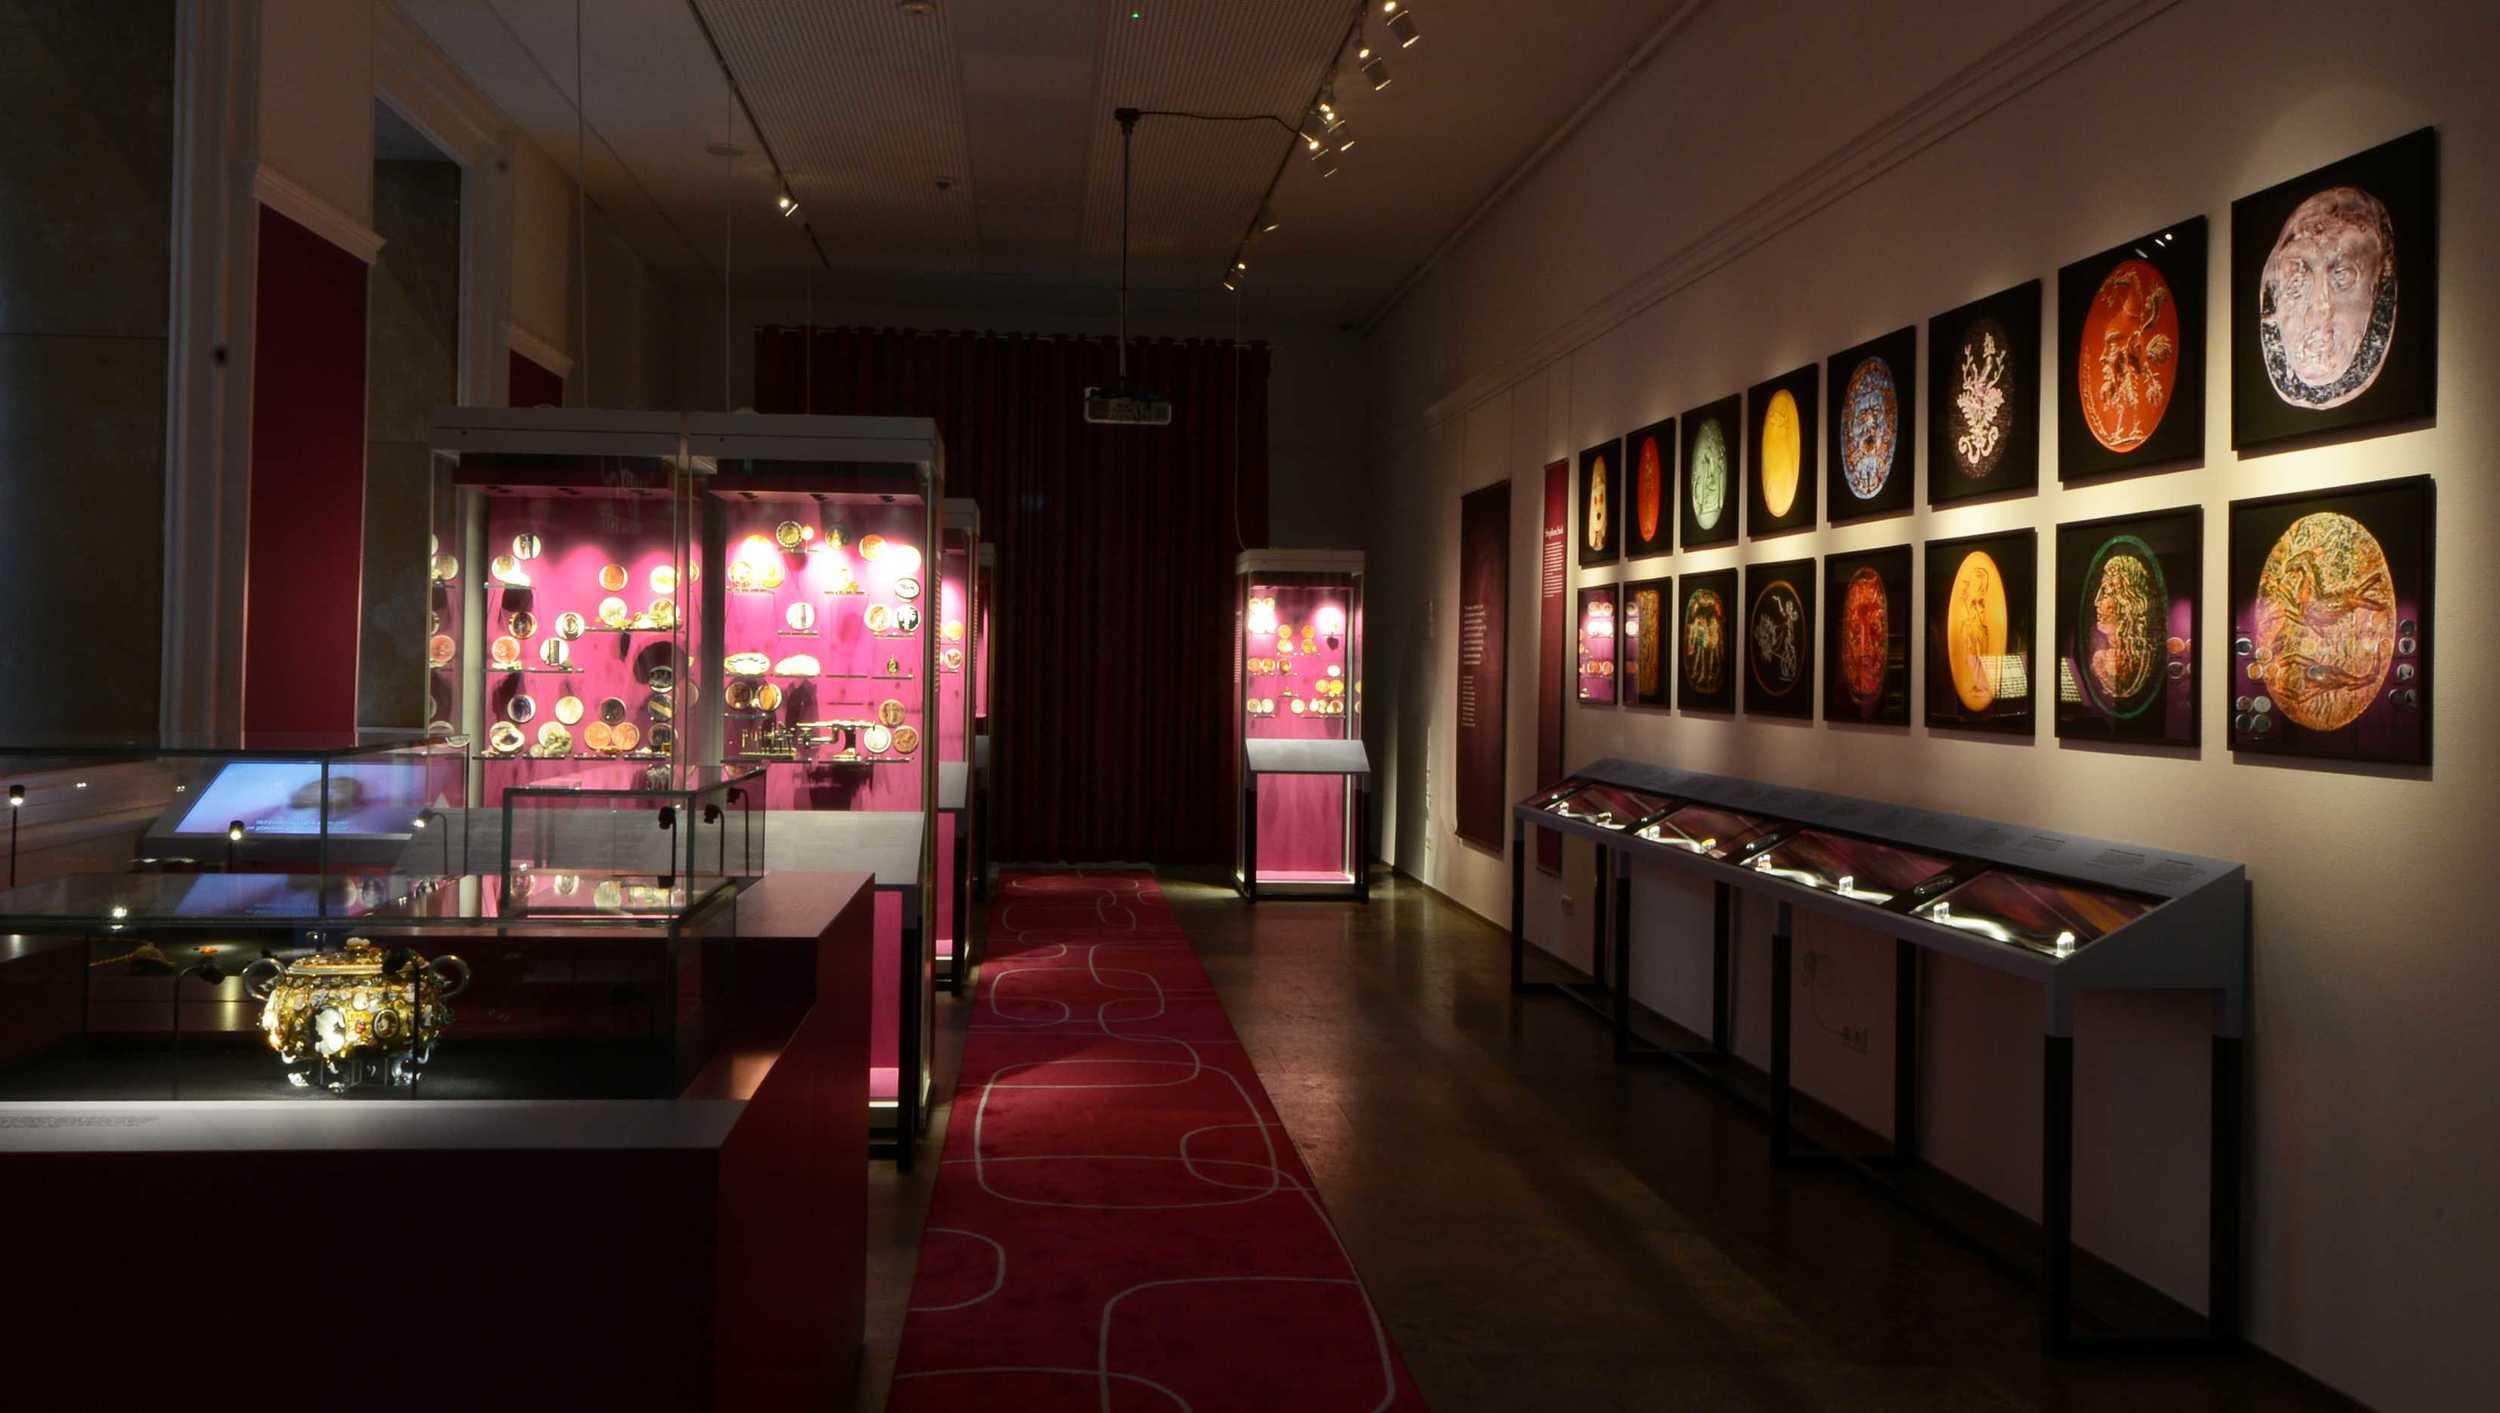 Overzicht van de tentoonstelling Pracht & Precisie (foto: RMO)